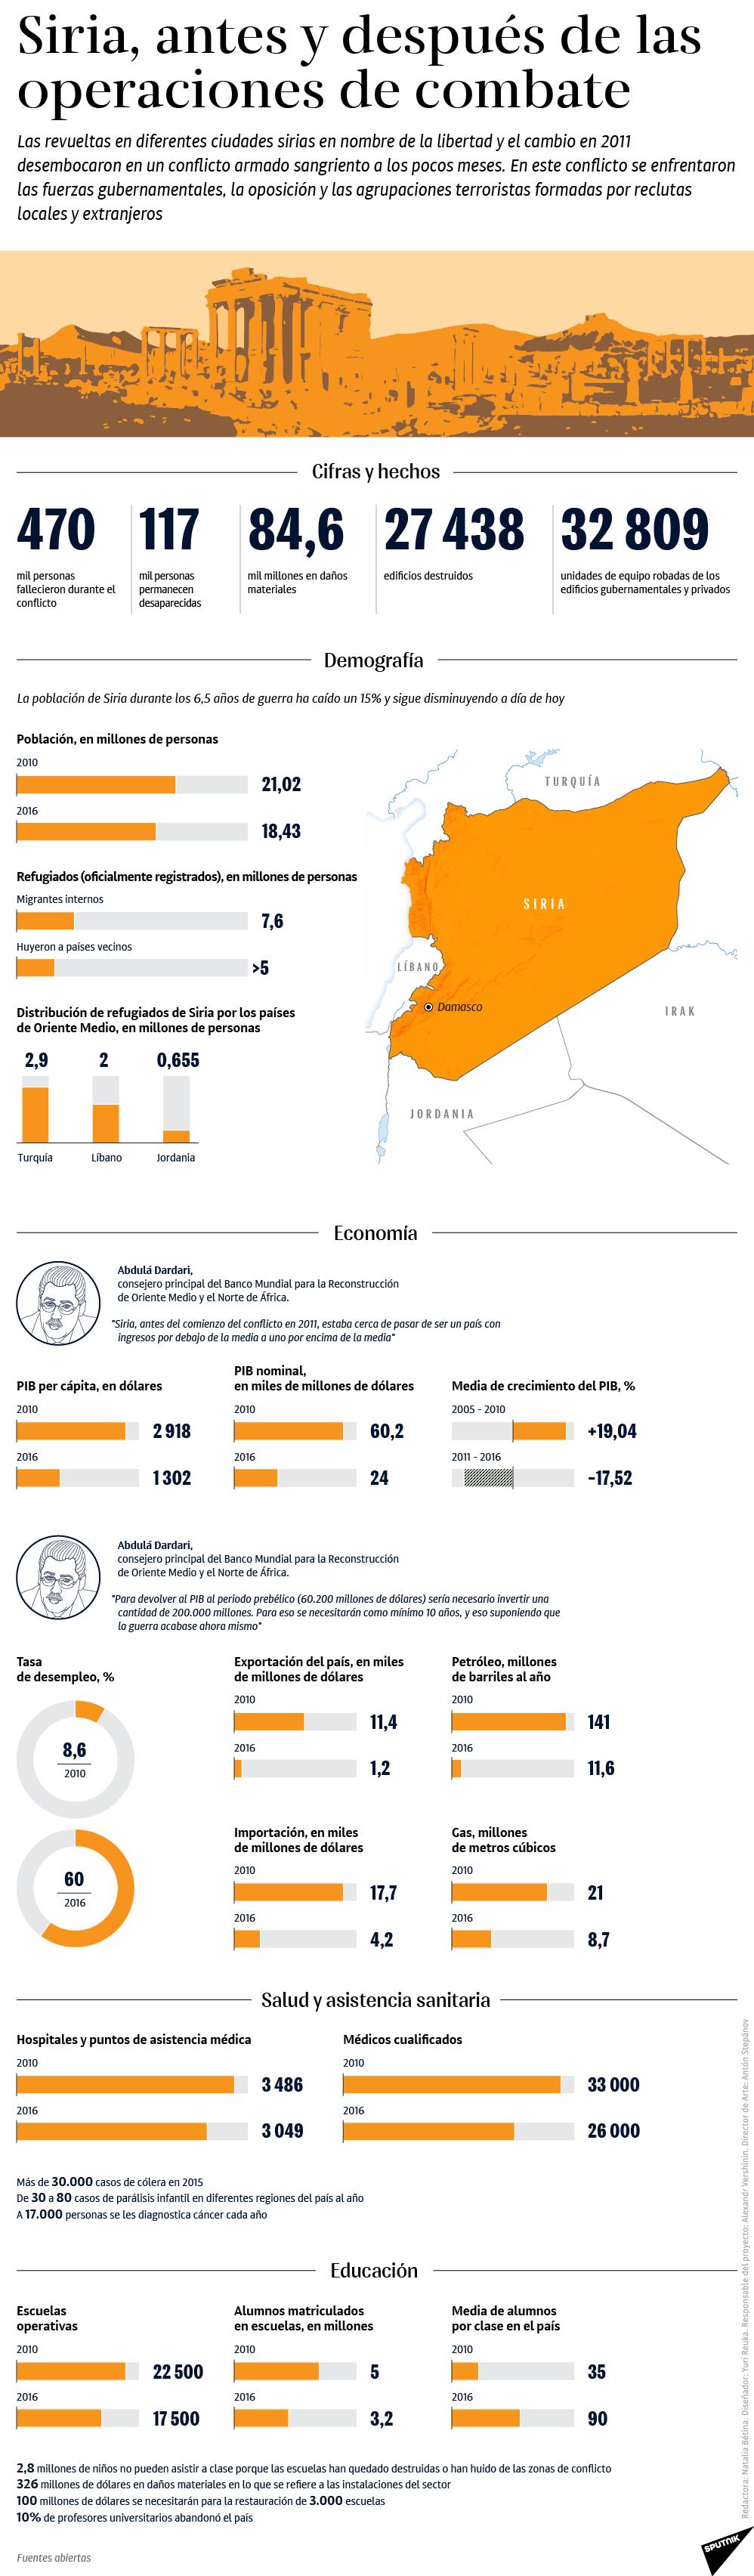 Siria, antes y después de la operaciones de combate